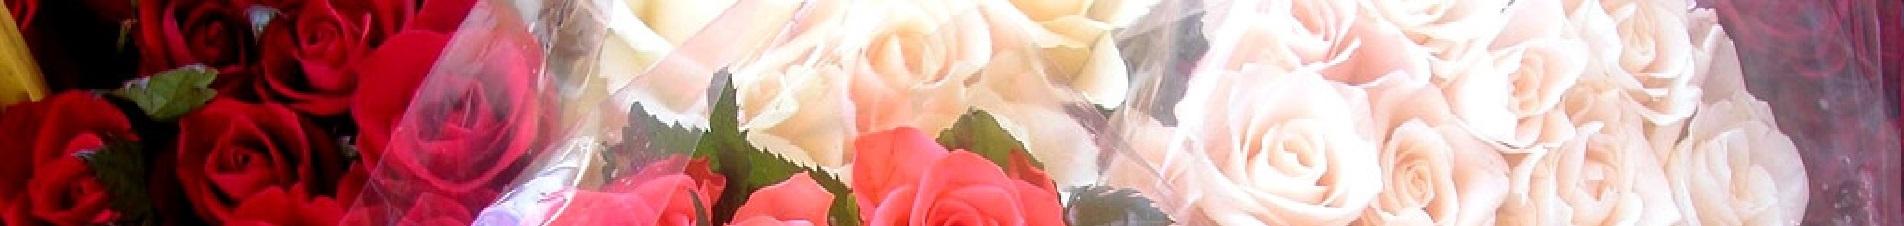 bloemen versturen naar  rozen